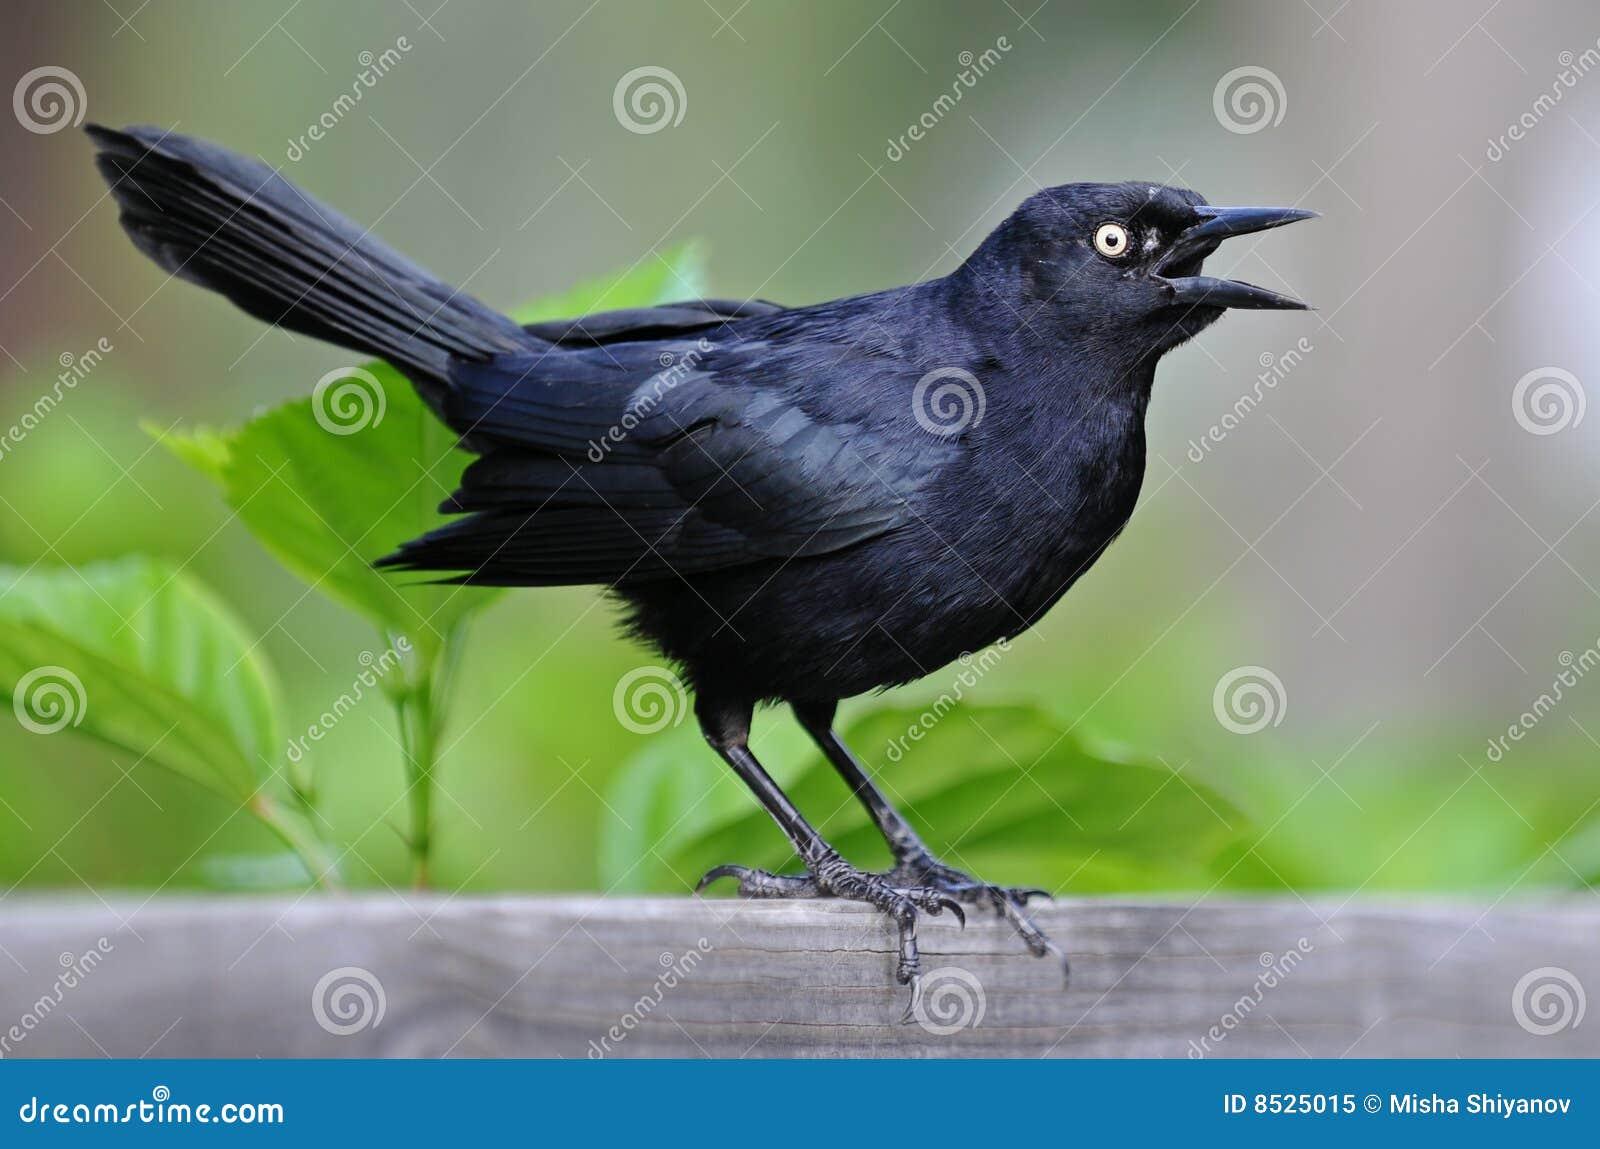 kleiner schwarzer vogel stockbild bild von dominikanisch 8525015. Black Bedroom Furniture Sets. Home Design Ideas